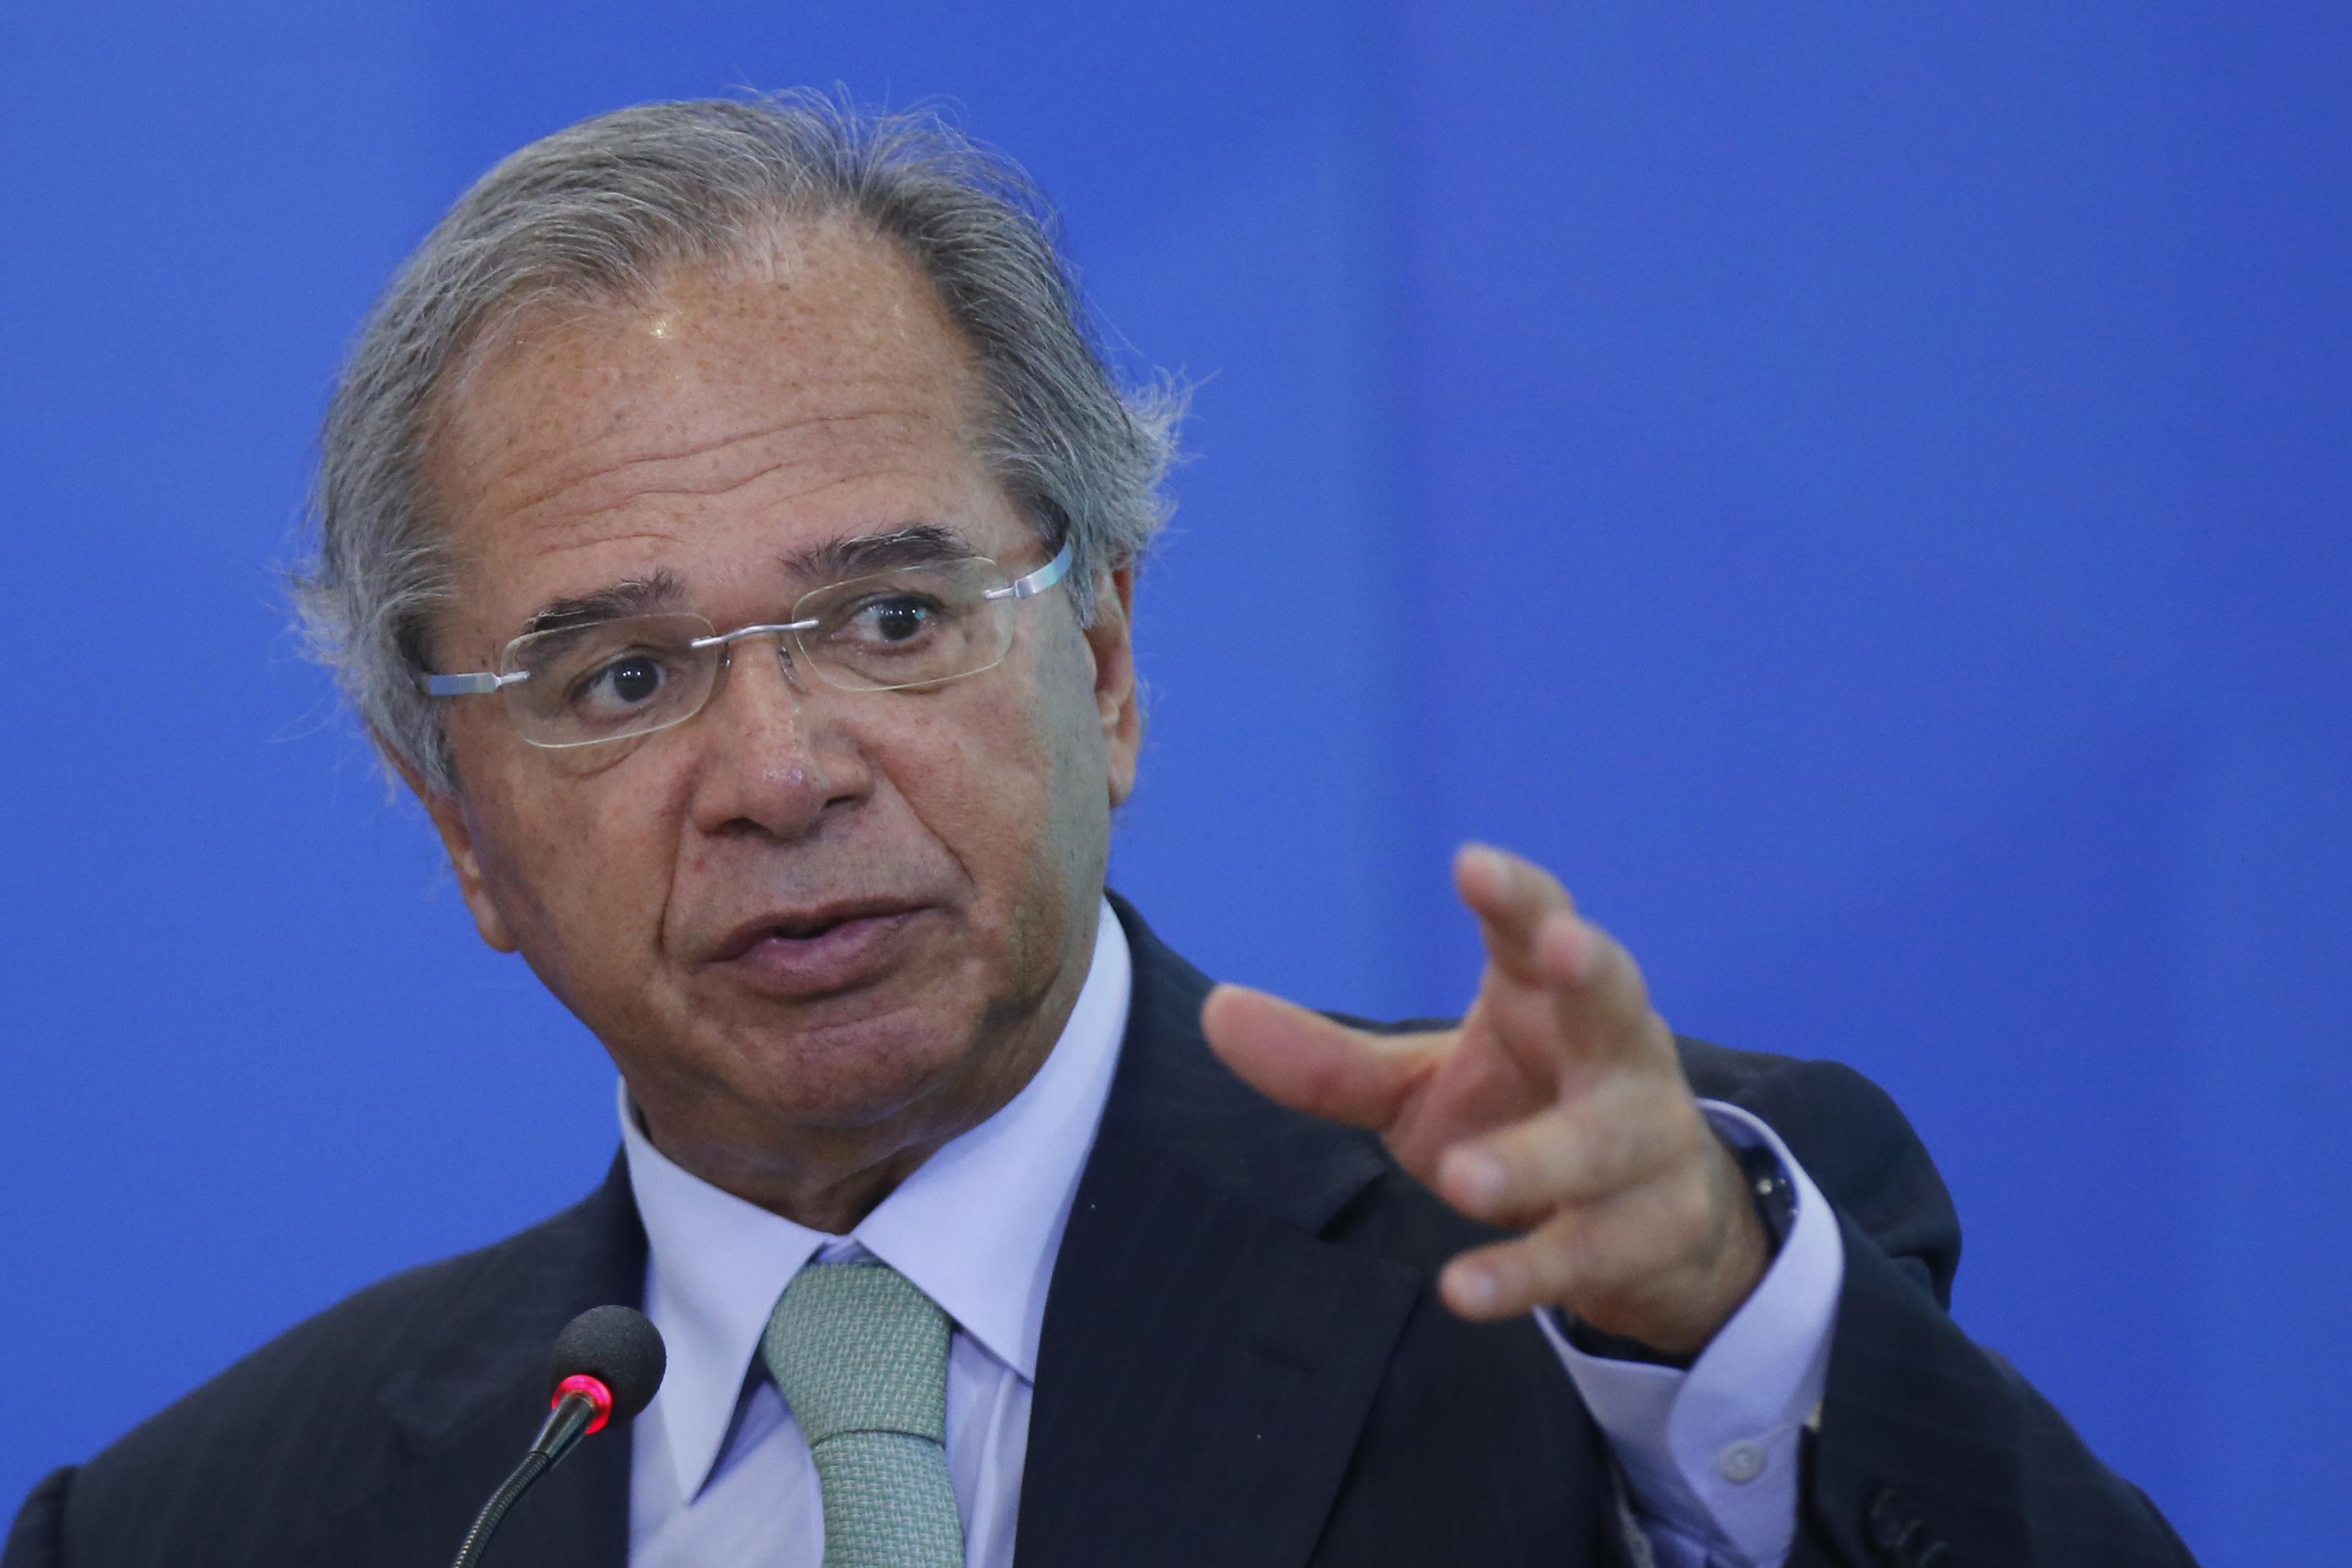 IMAGEM: Governo vai unificar programas sociais, diz Guedes